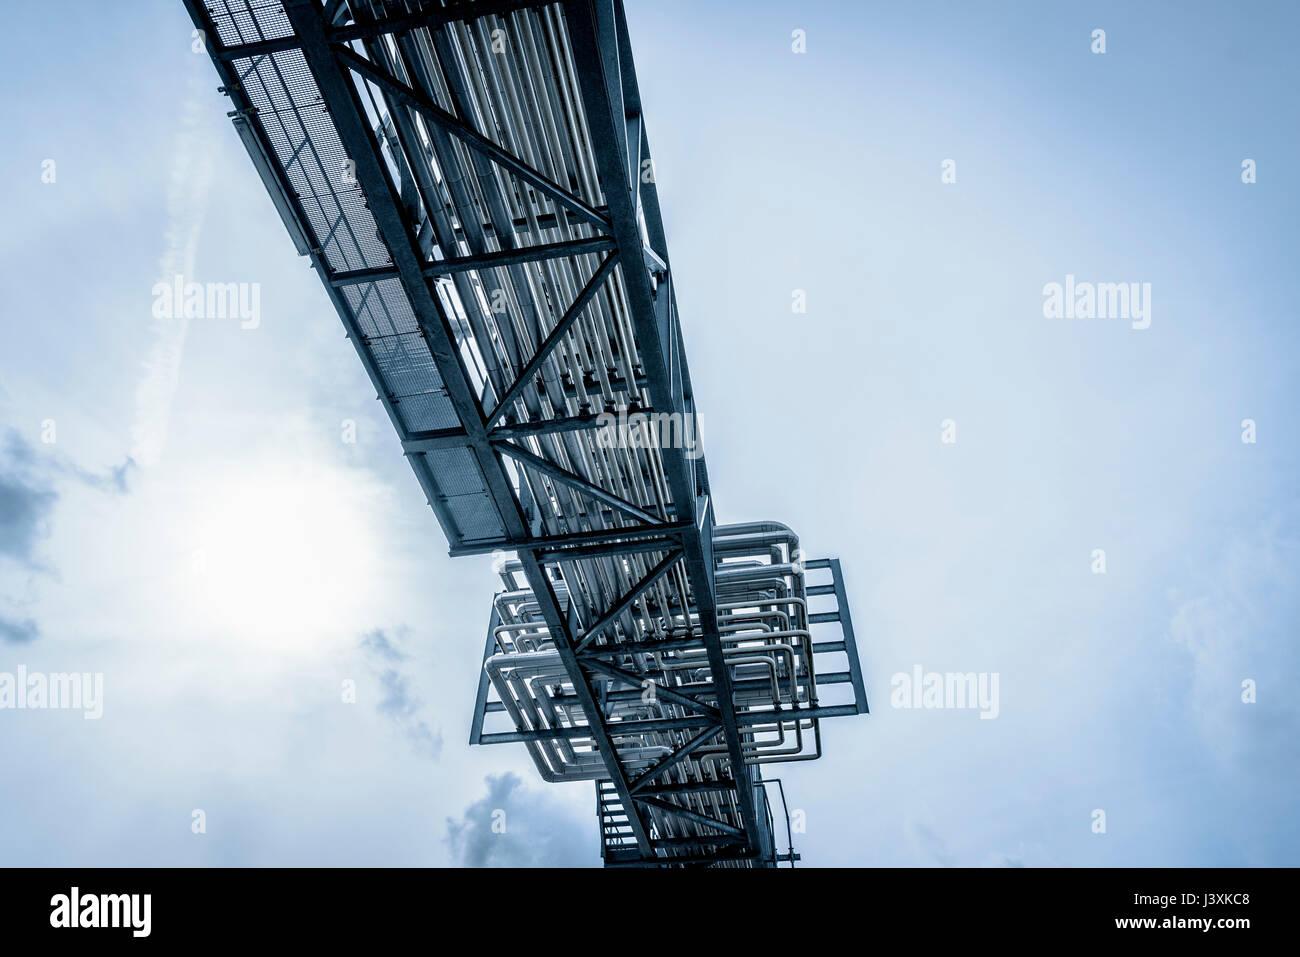 Pipes viewed from below in oil blending plant, Antwerp, Belgium, Europe - Stock Image